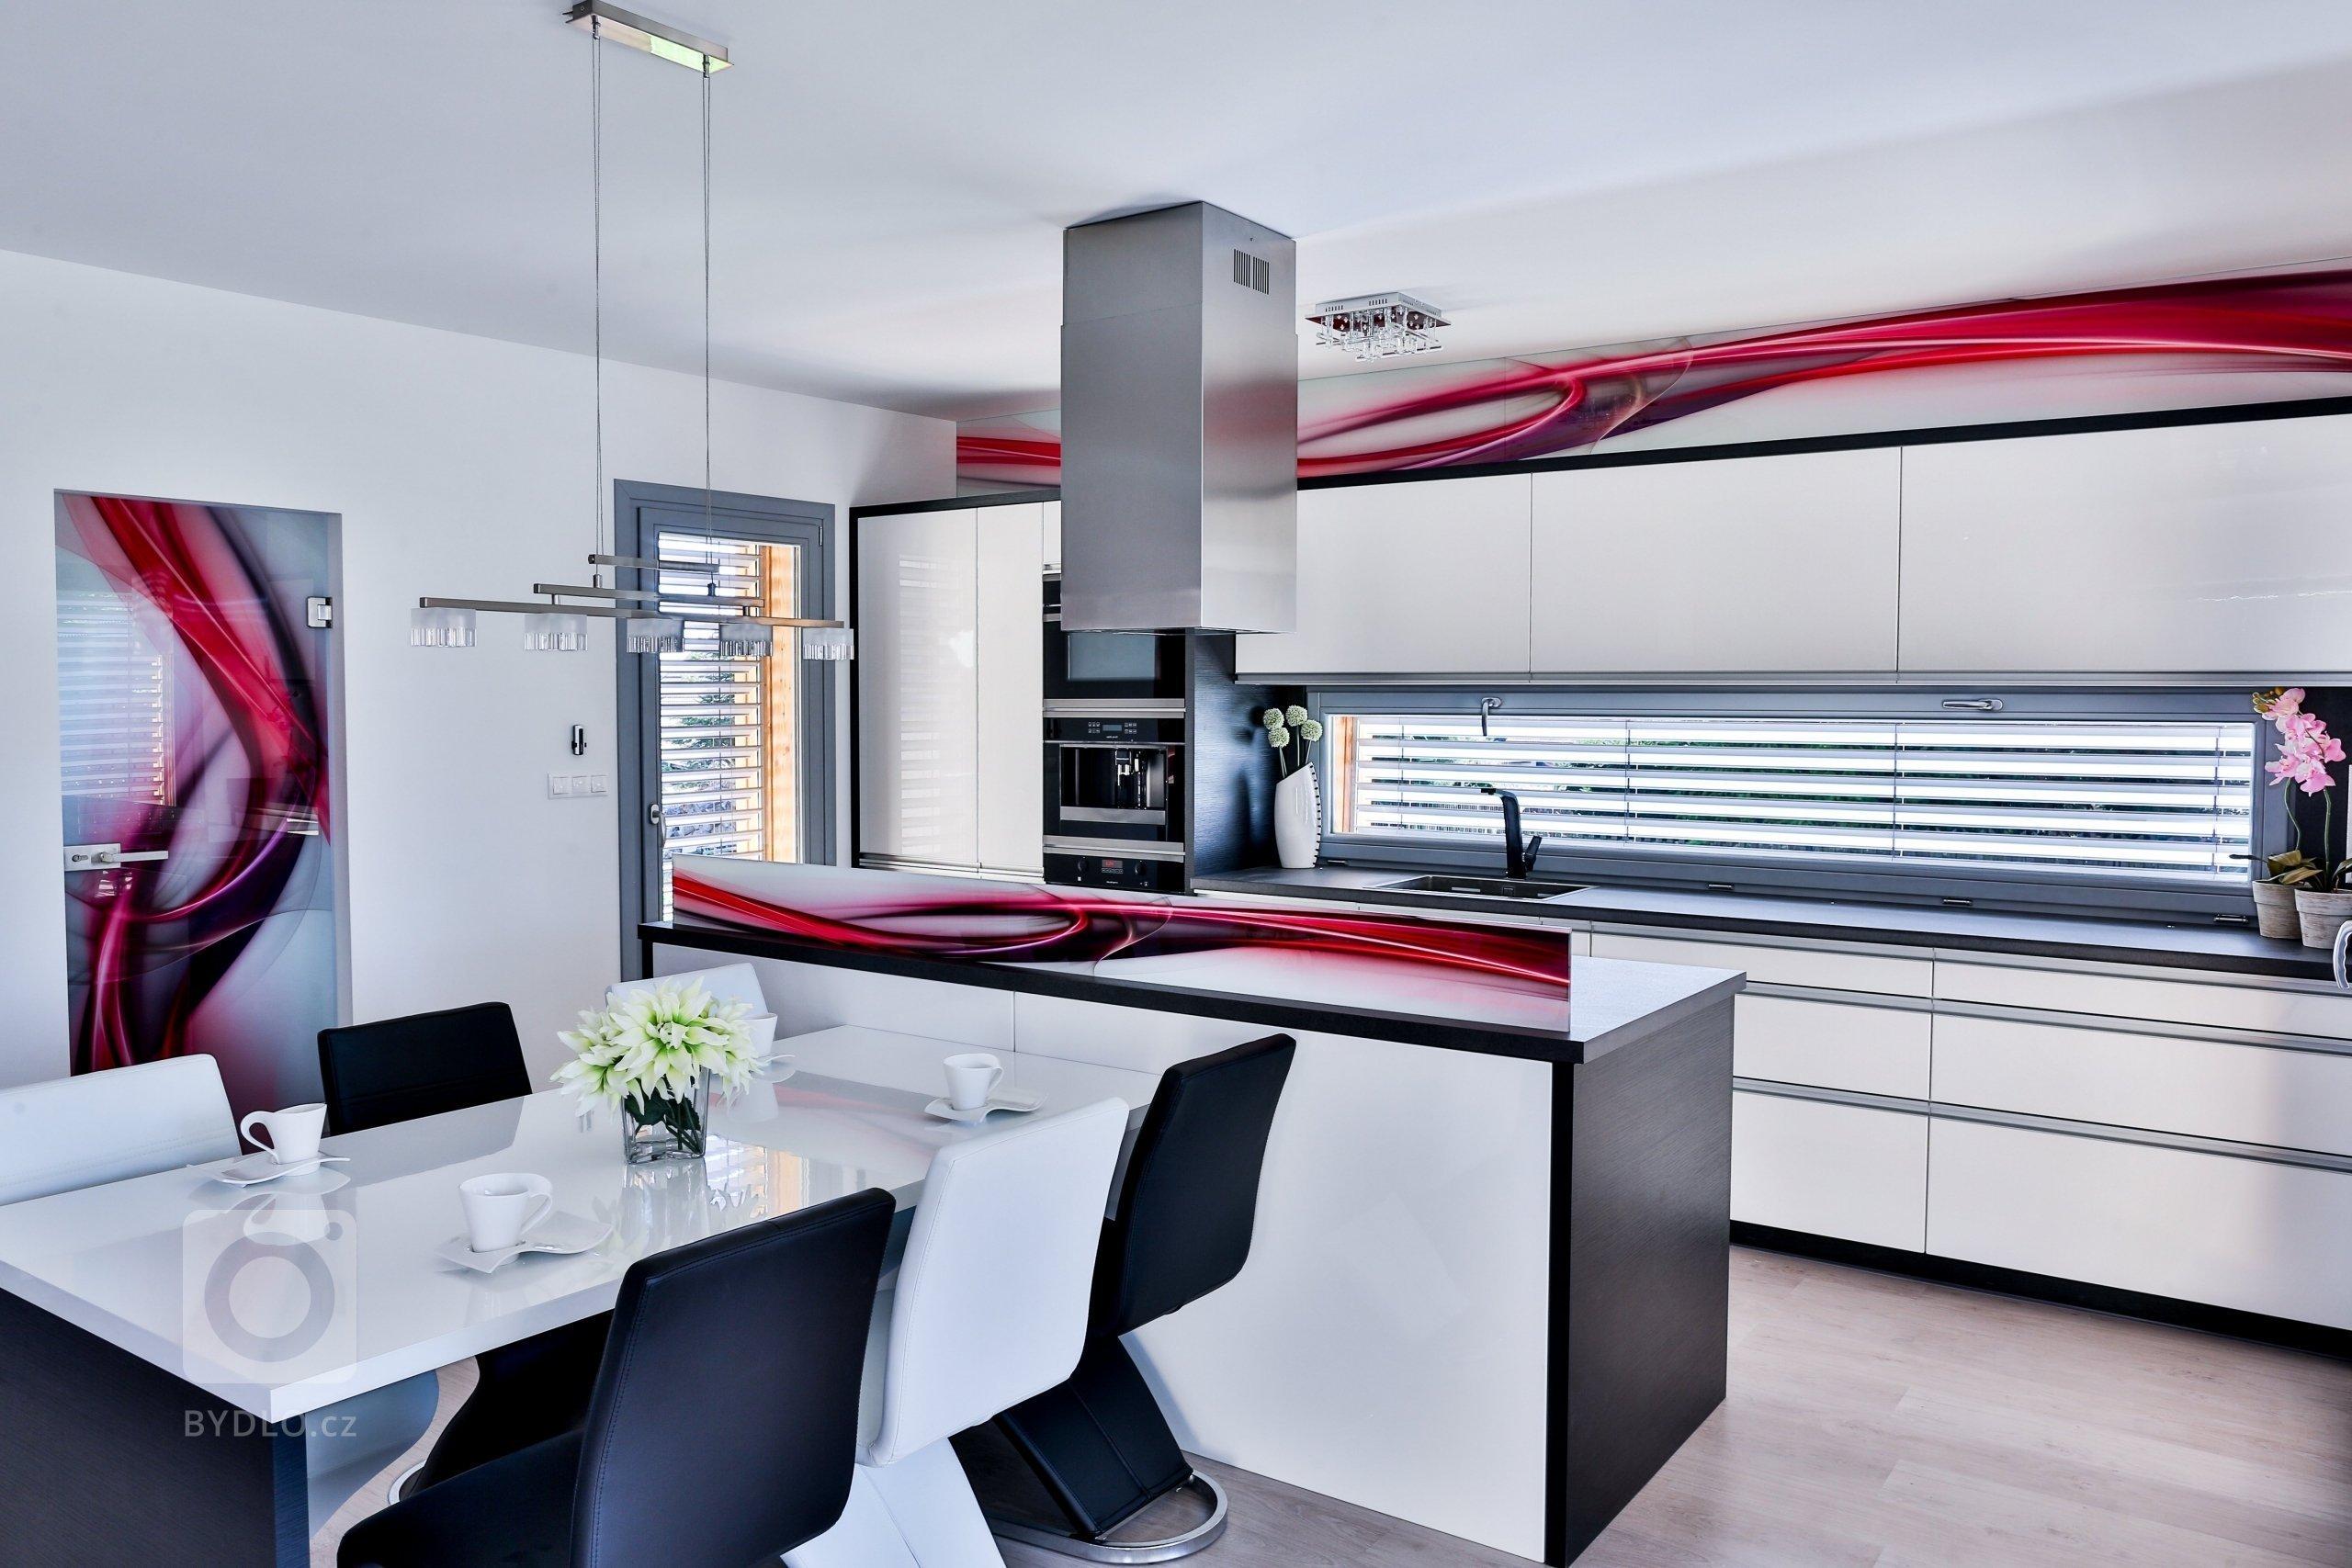 Kuchyně s barevným sklem